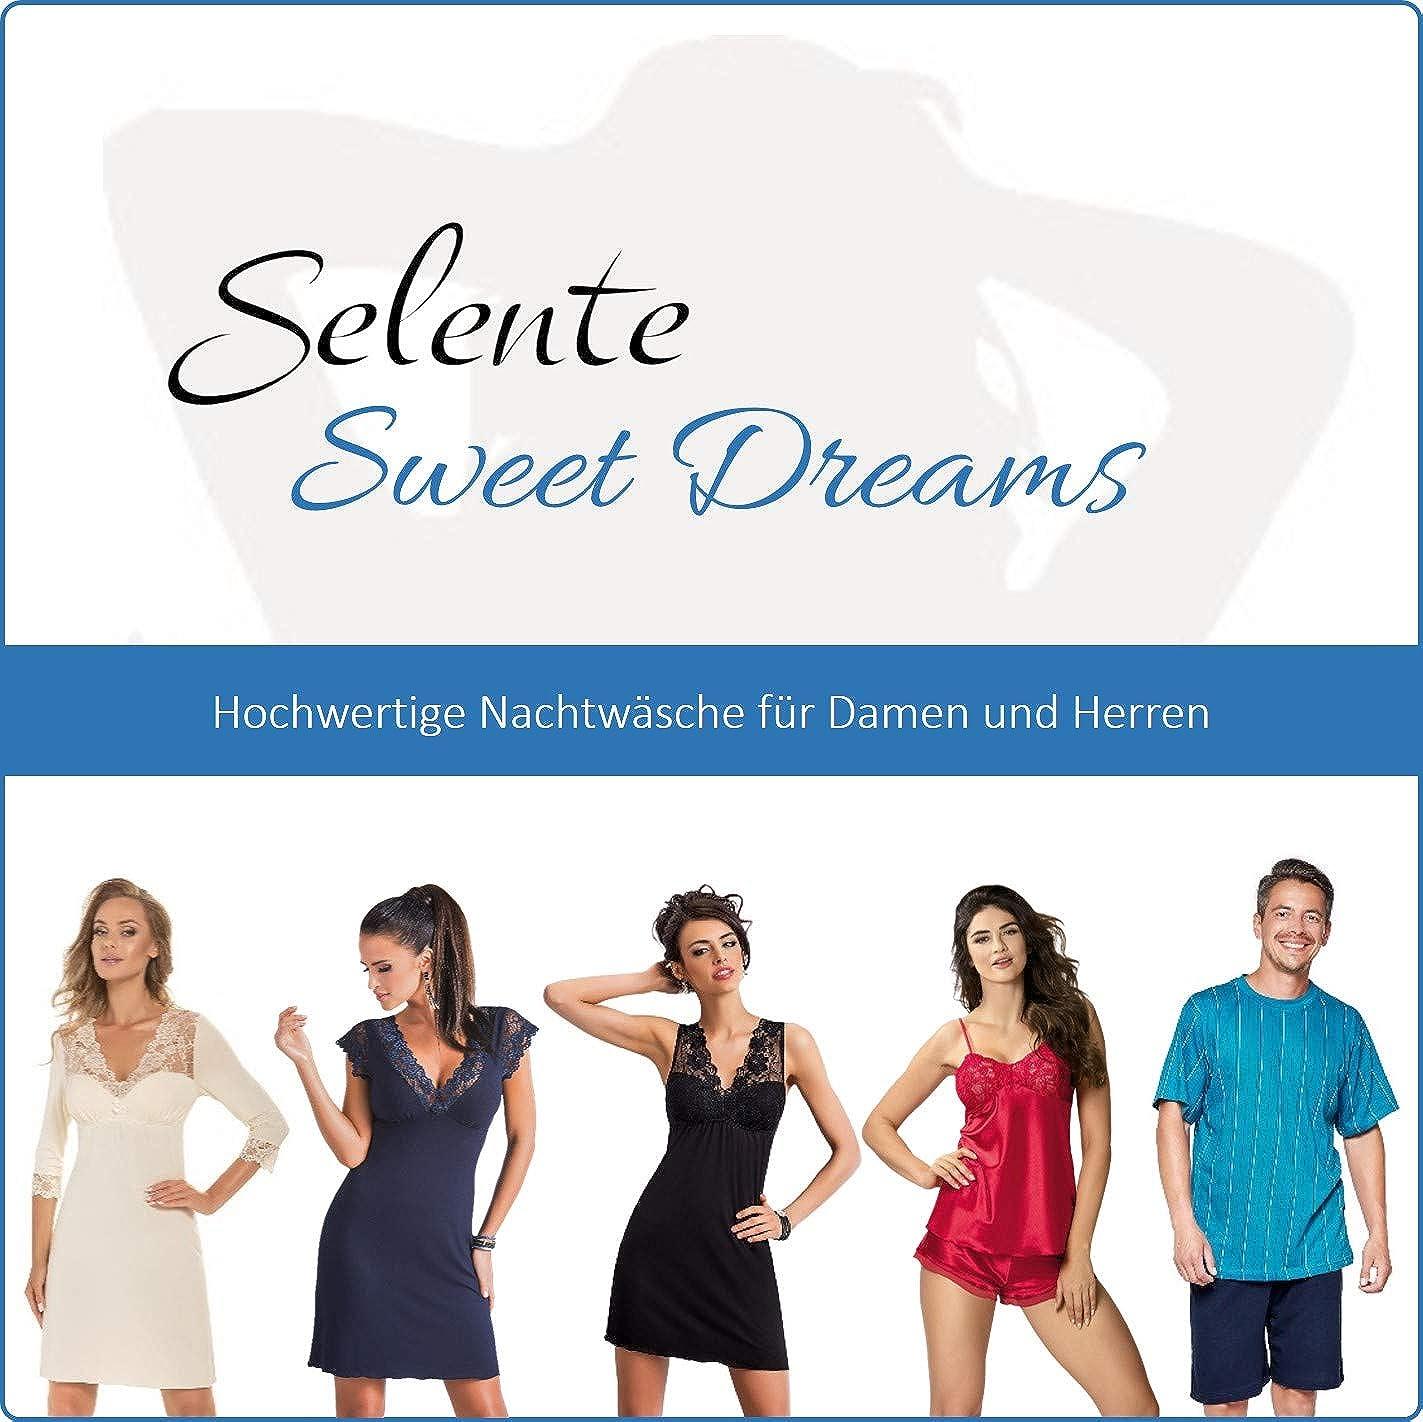 Set biancheria da notte da donna 2 pezzi in Negligee e benda in raso prodotto in UE Selente Sweet Dreams